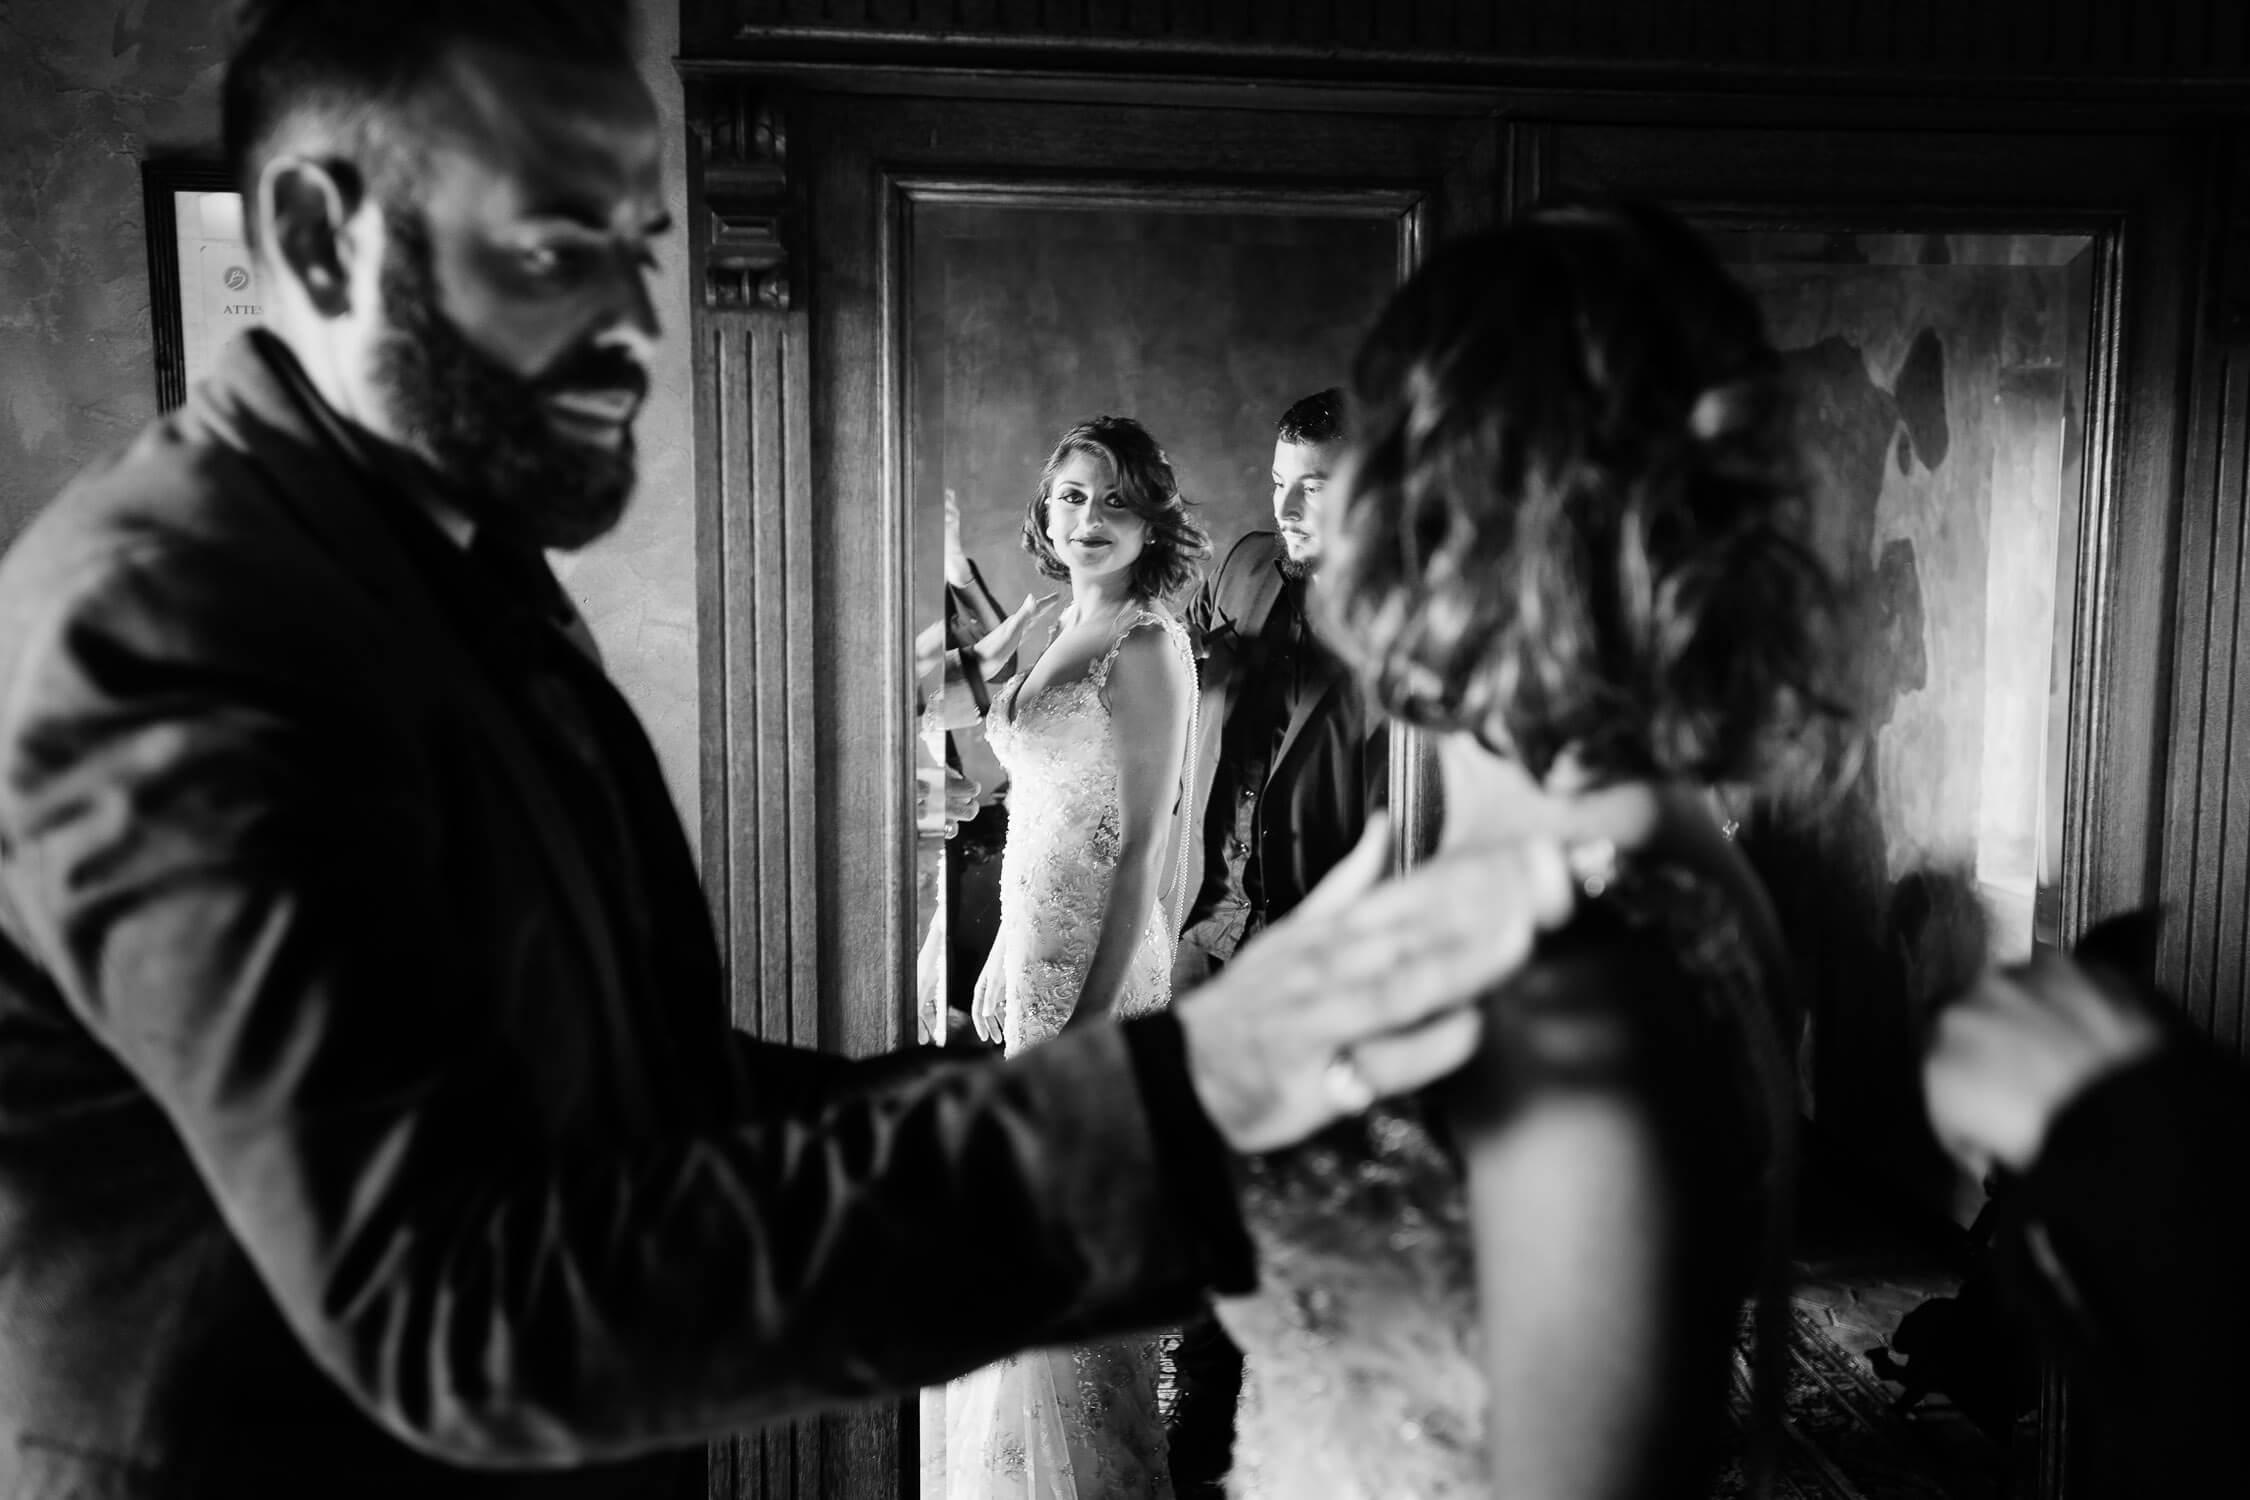 Matrimonio a Siculiana, fotografo per i migliori matrimoni, Nino Lombardo